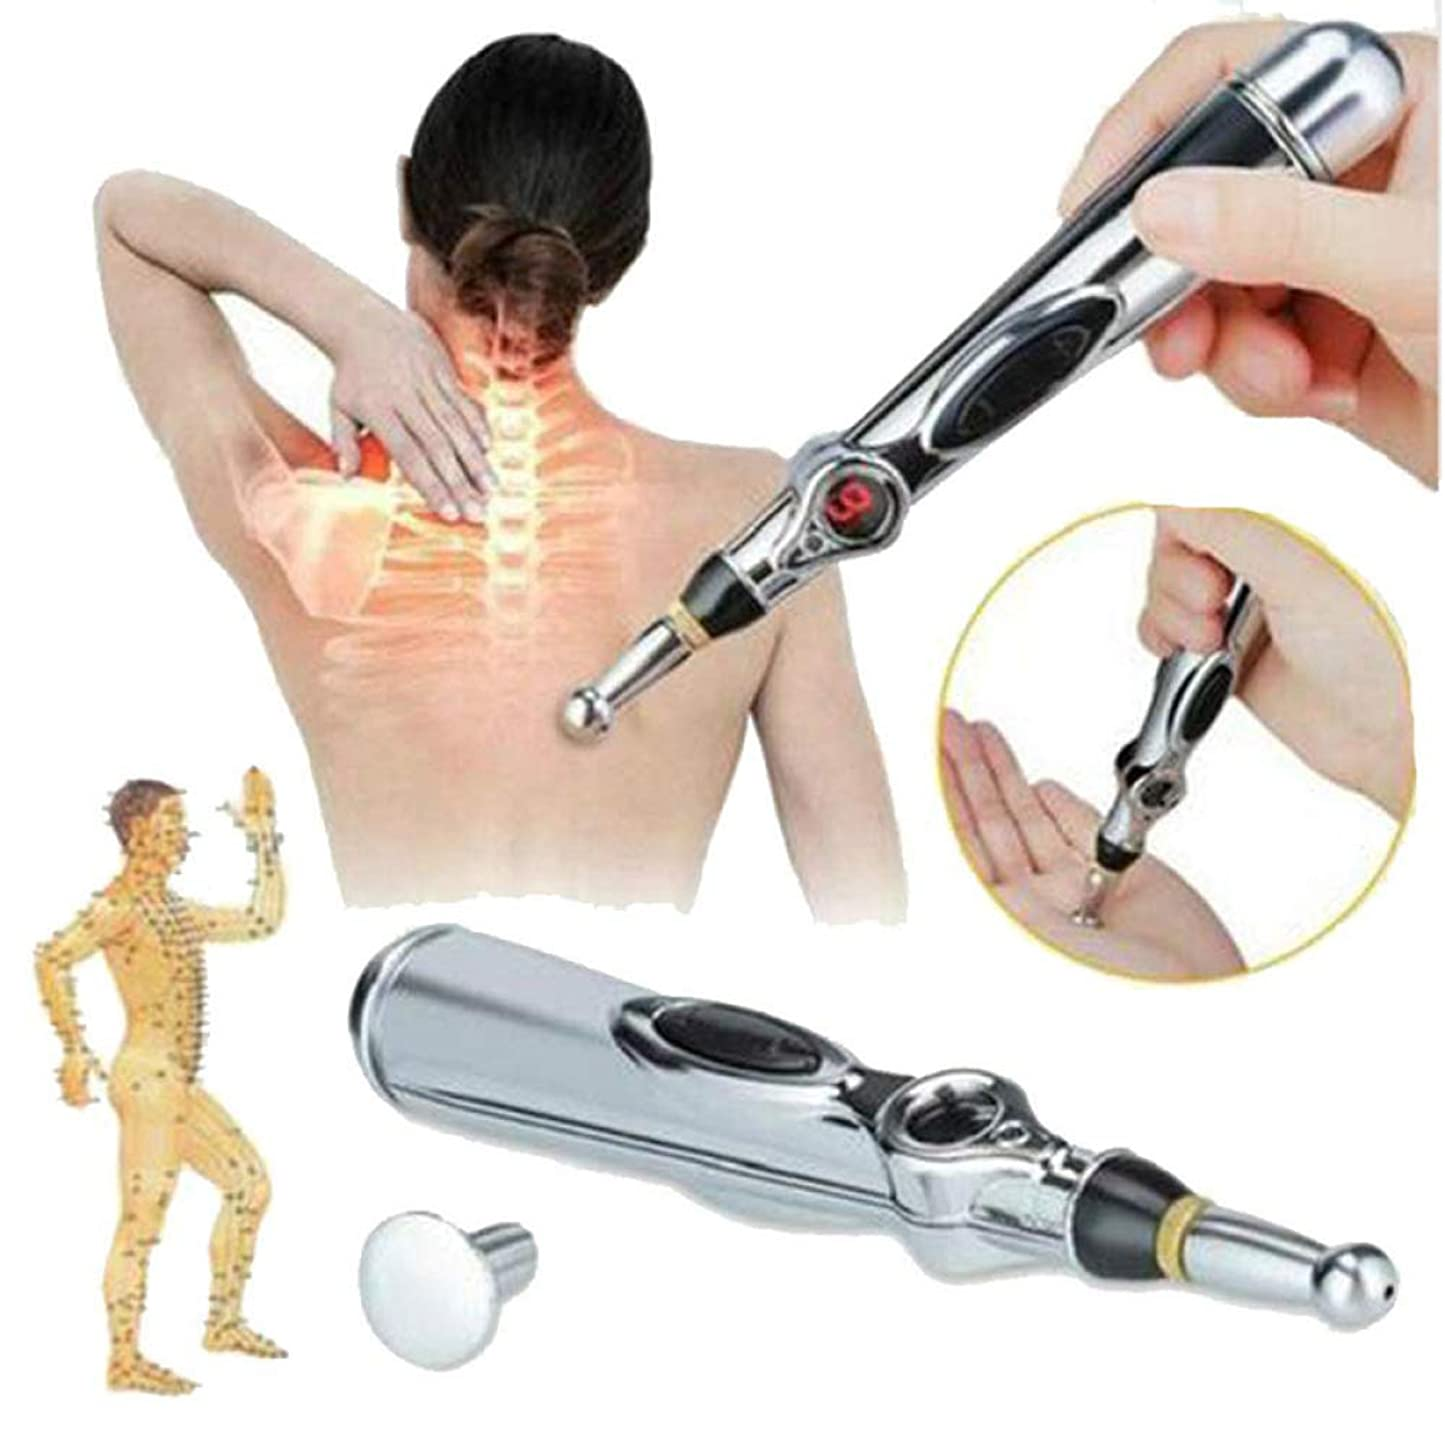 ツーリスト対応する宿題電子鍼ペン、電子経絡レーザー治療、マッサージペン、経絡エネルギーペン、痛み緩和ツール